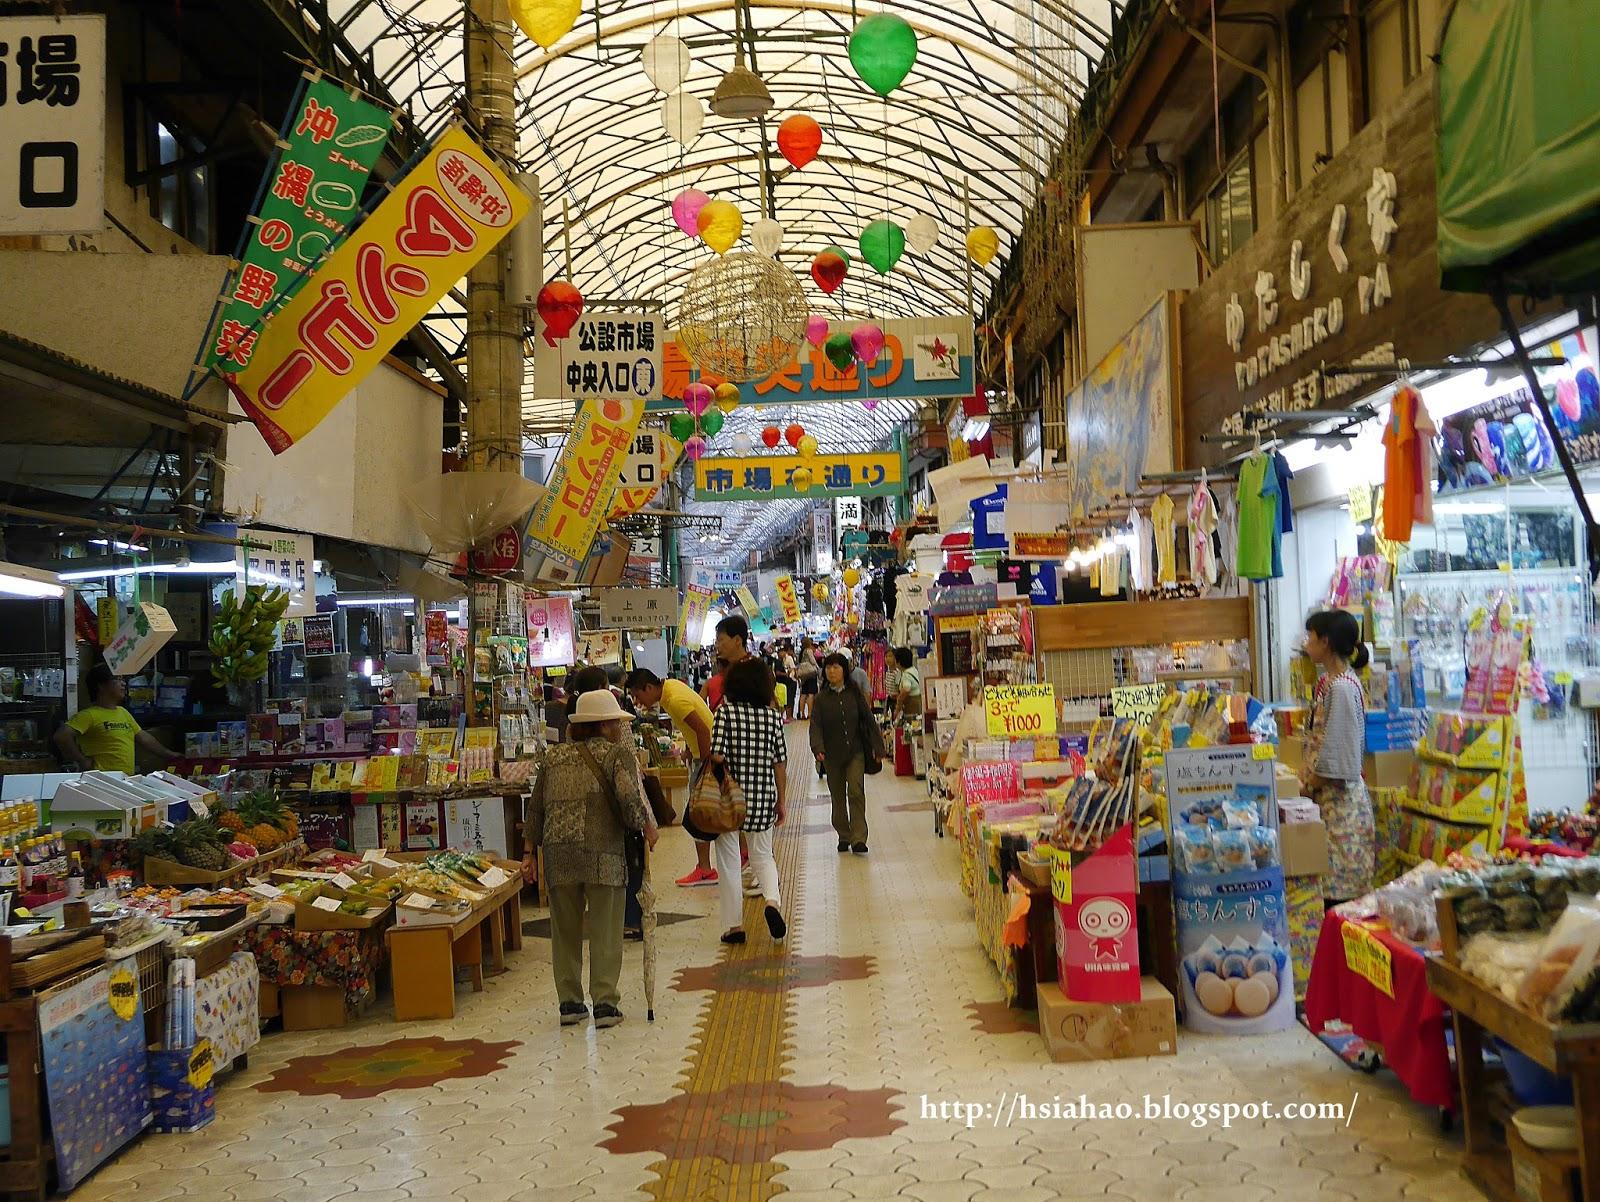 沖繩-國際通-牧志公設市場-平和通-浮島通逛街-國際通購物-國際通逛街-國際通景點-自由行-Okinawa-kokusaidori